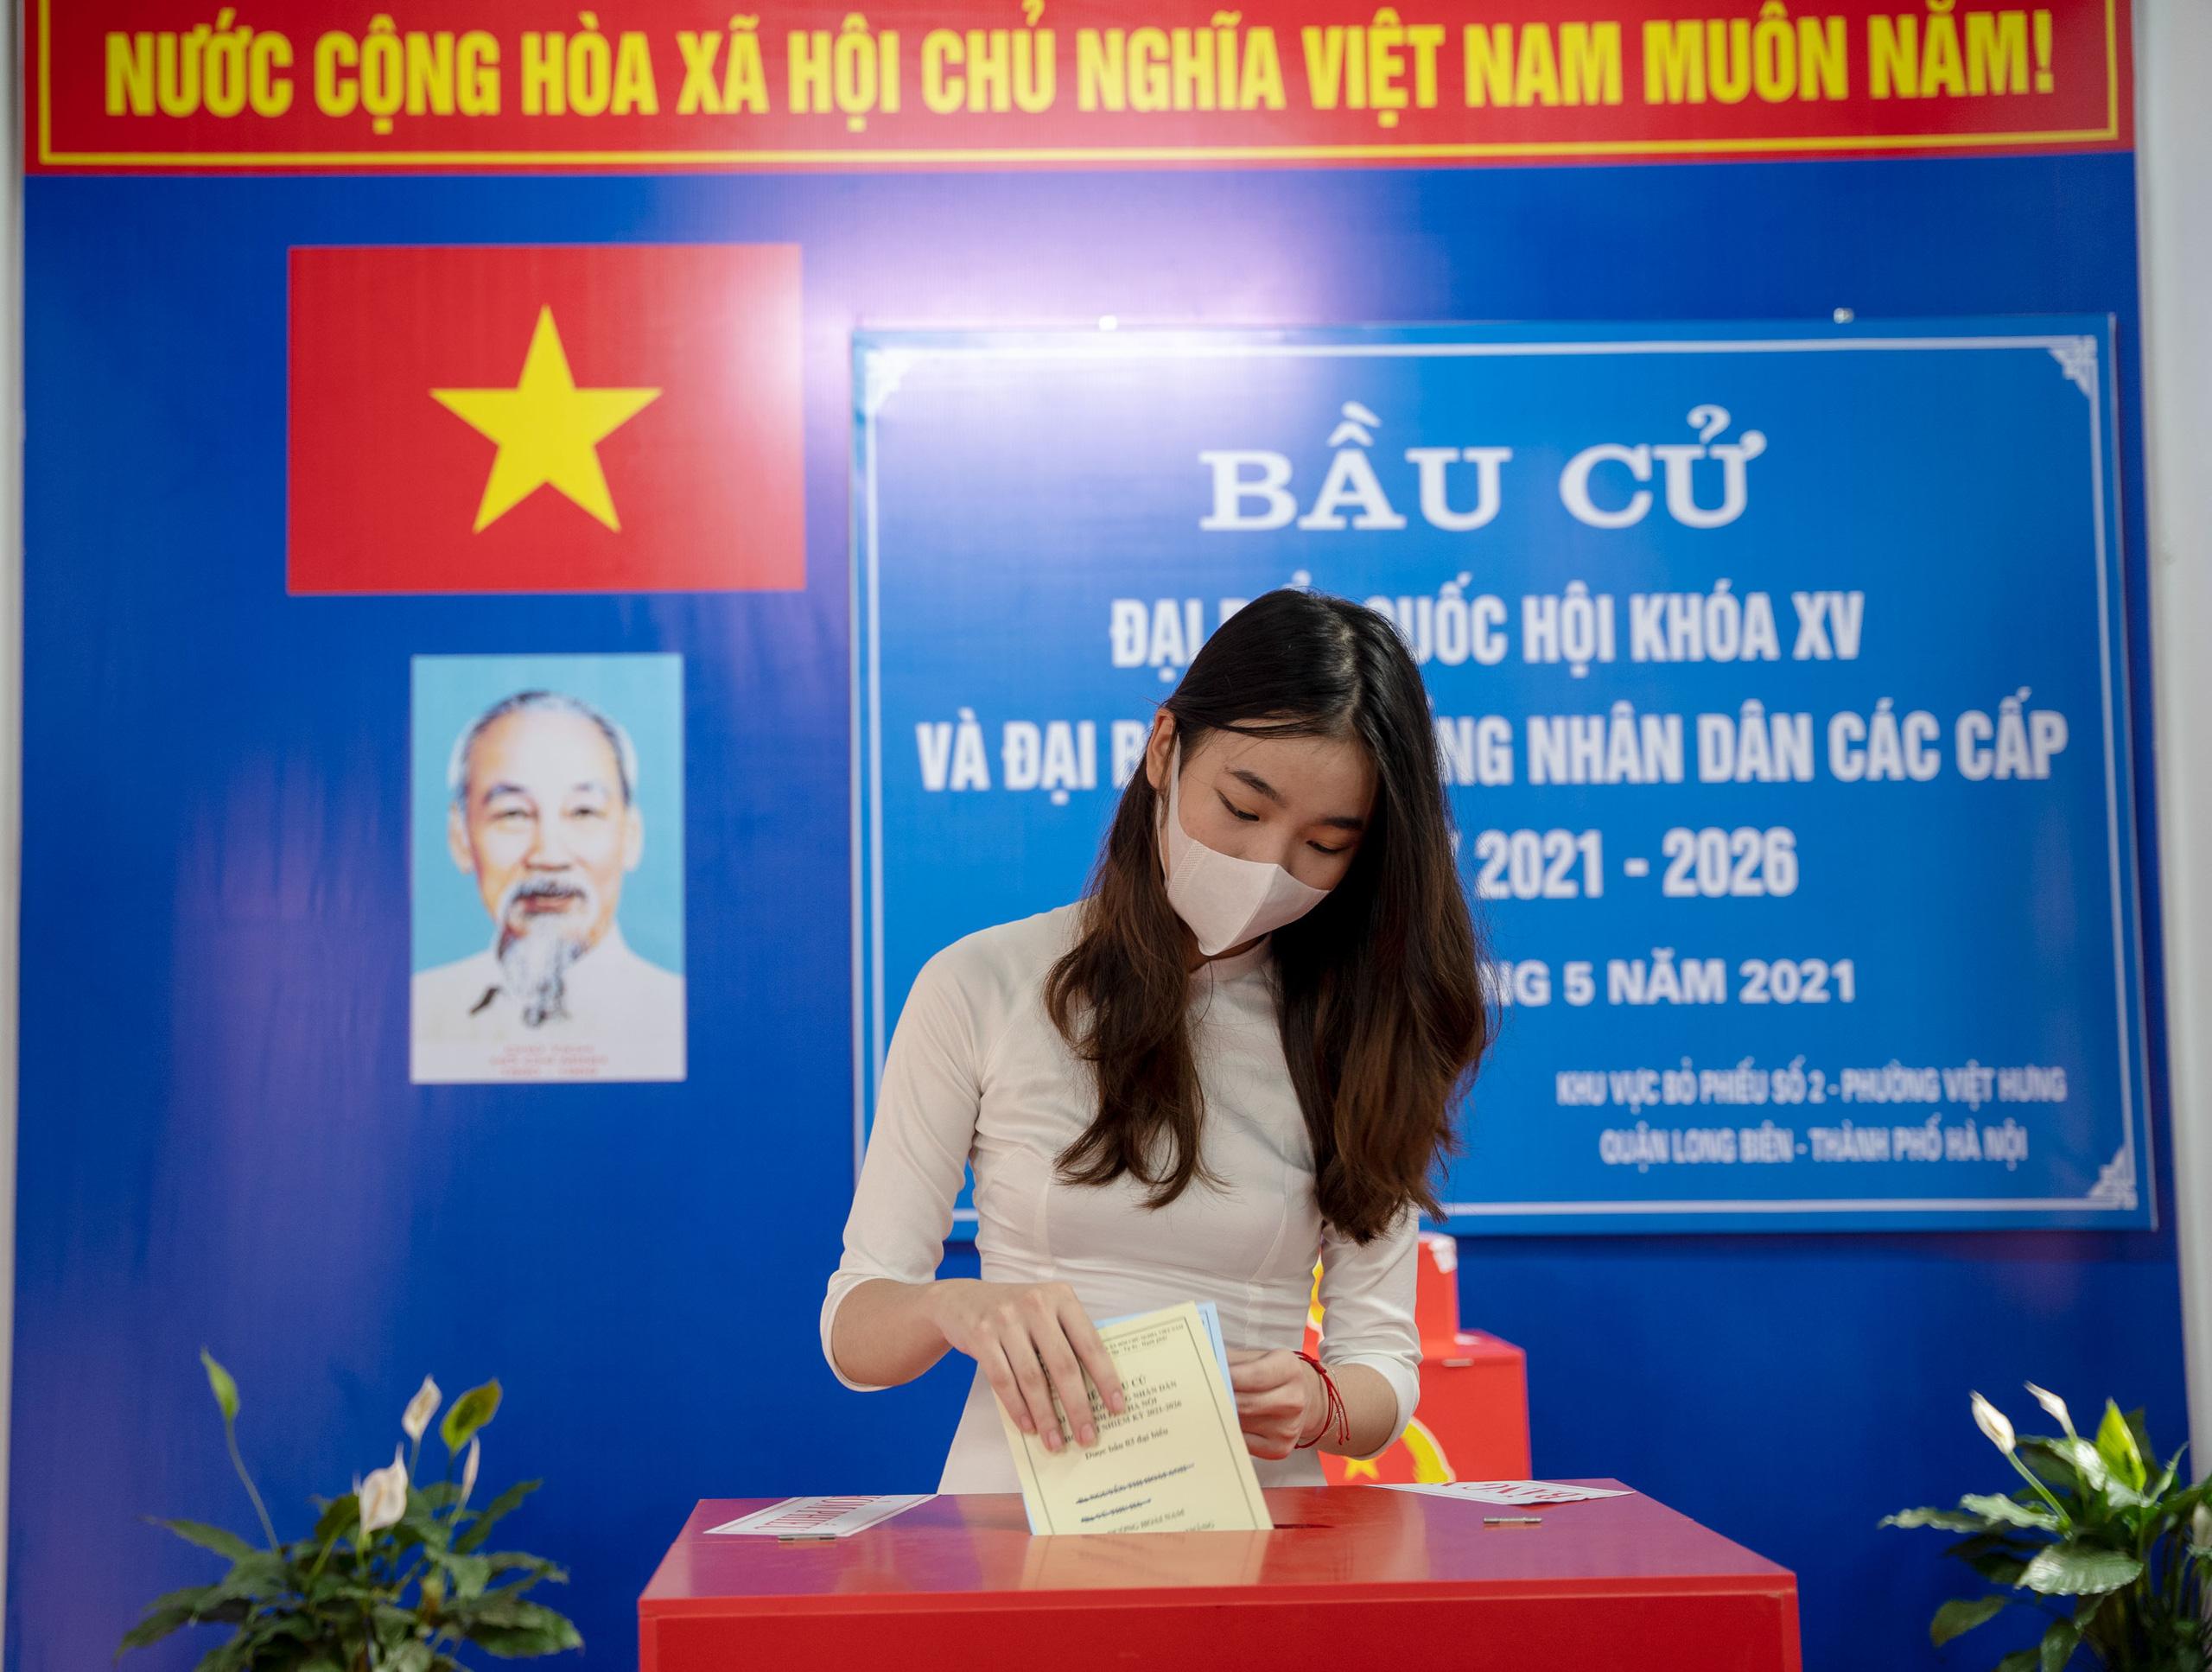 """Thiếu nữ Hà Thành 18 tuổi, lần đầu đi bầu cử: """"Cảm thấy tự hào, vì đã góp phần xây dựng bộ máy chính quyền nhà nước"""" - Ảnh 3."""